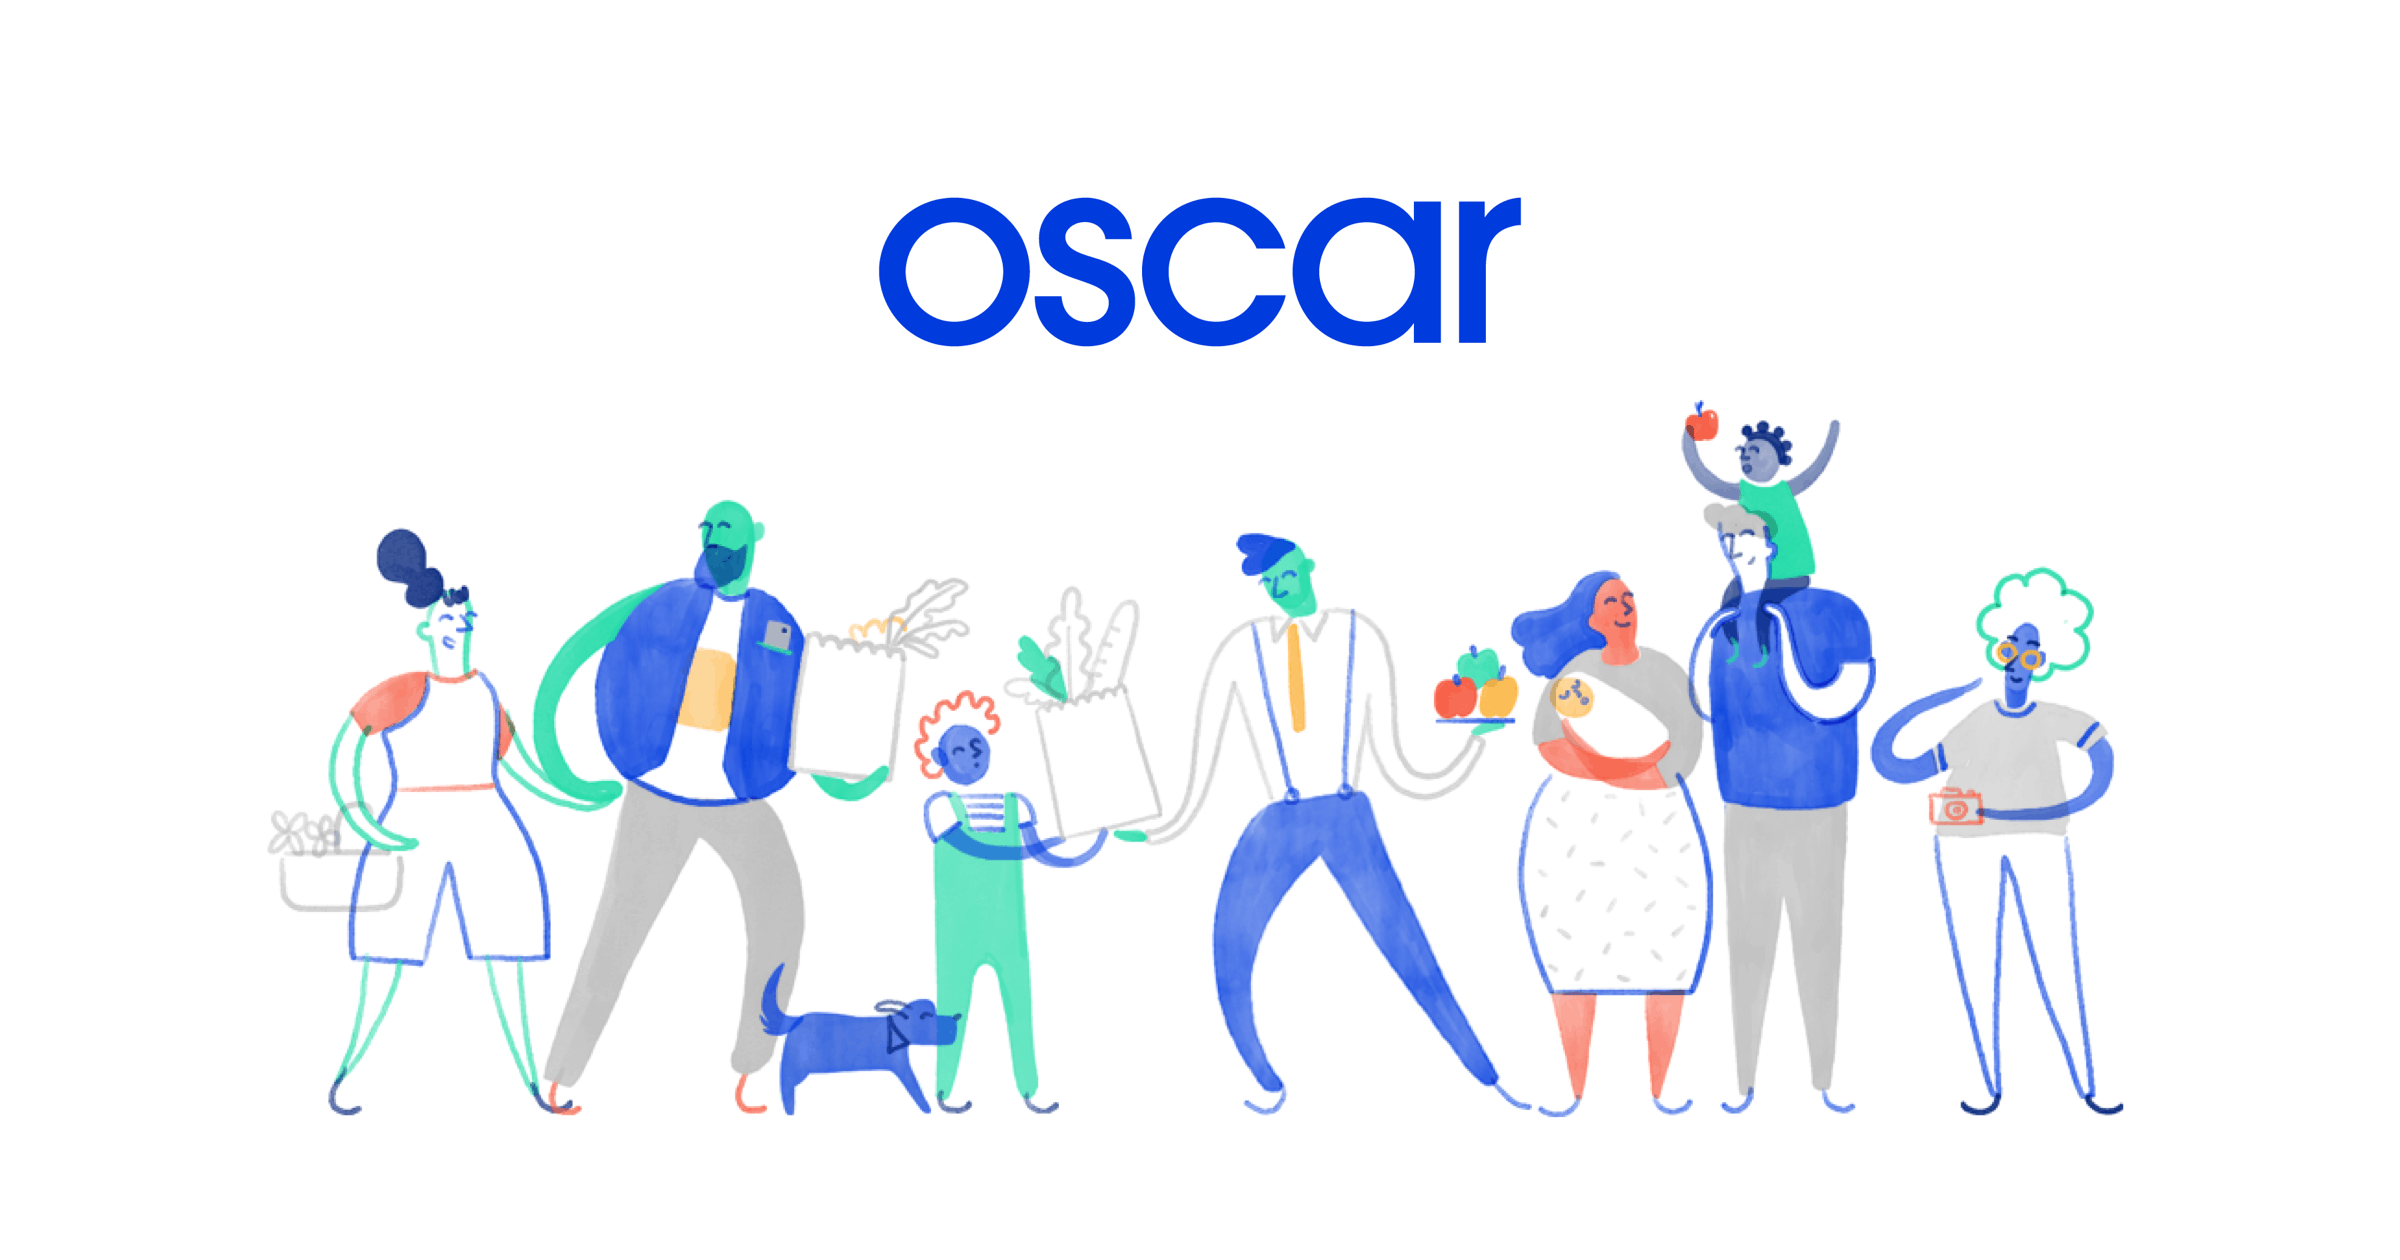 Healthcare Startup Oscar Seeks New Agency Partner After Hiring Old